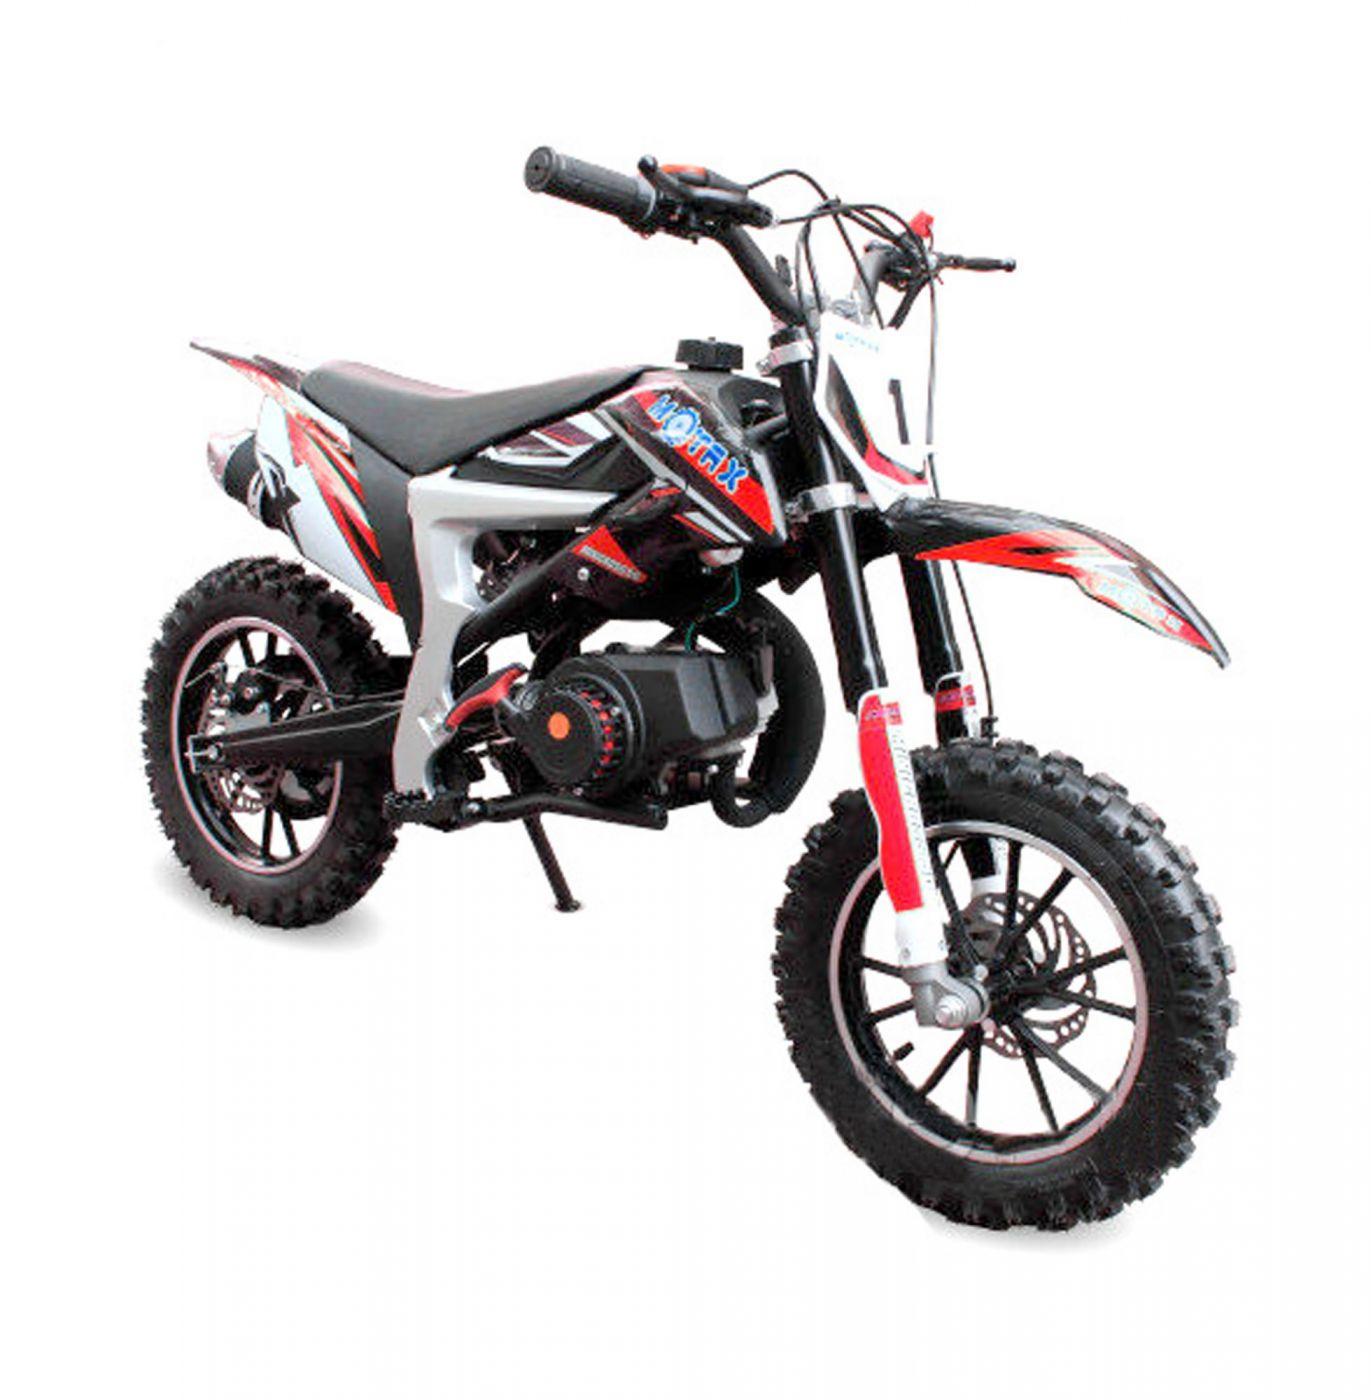 Мини кросс Motax 50cc